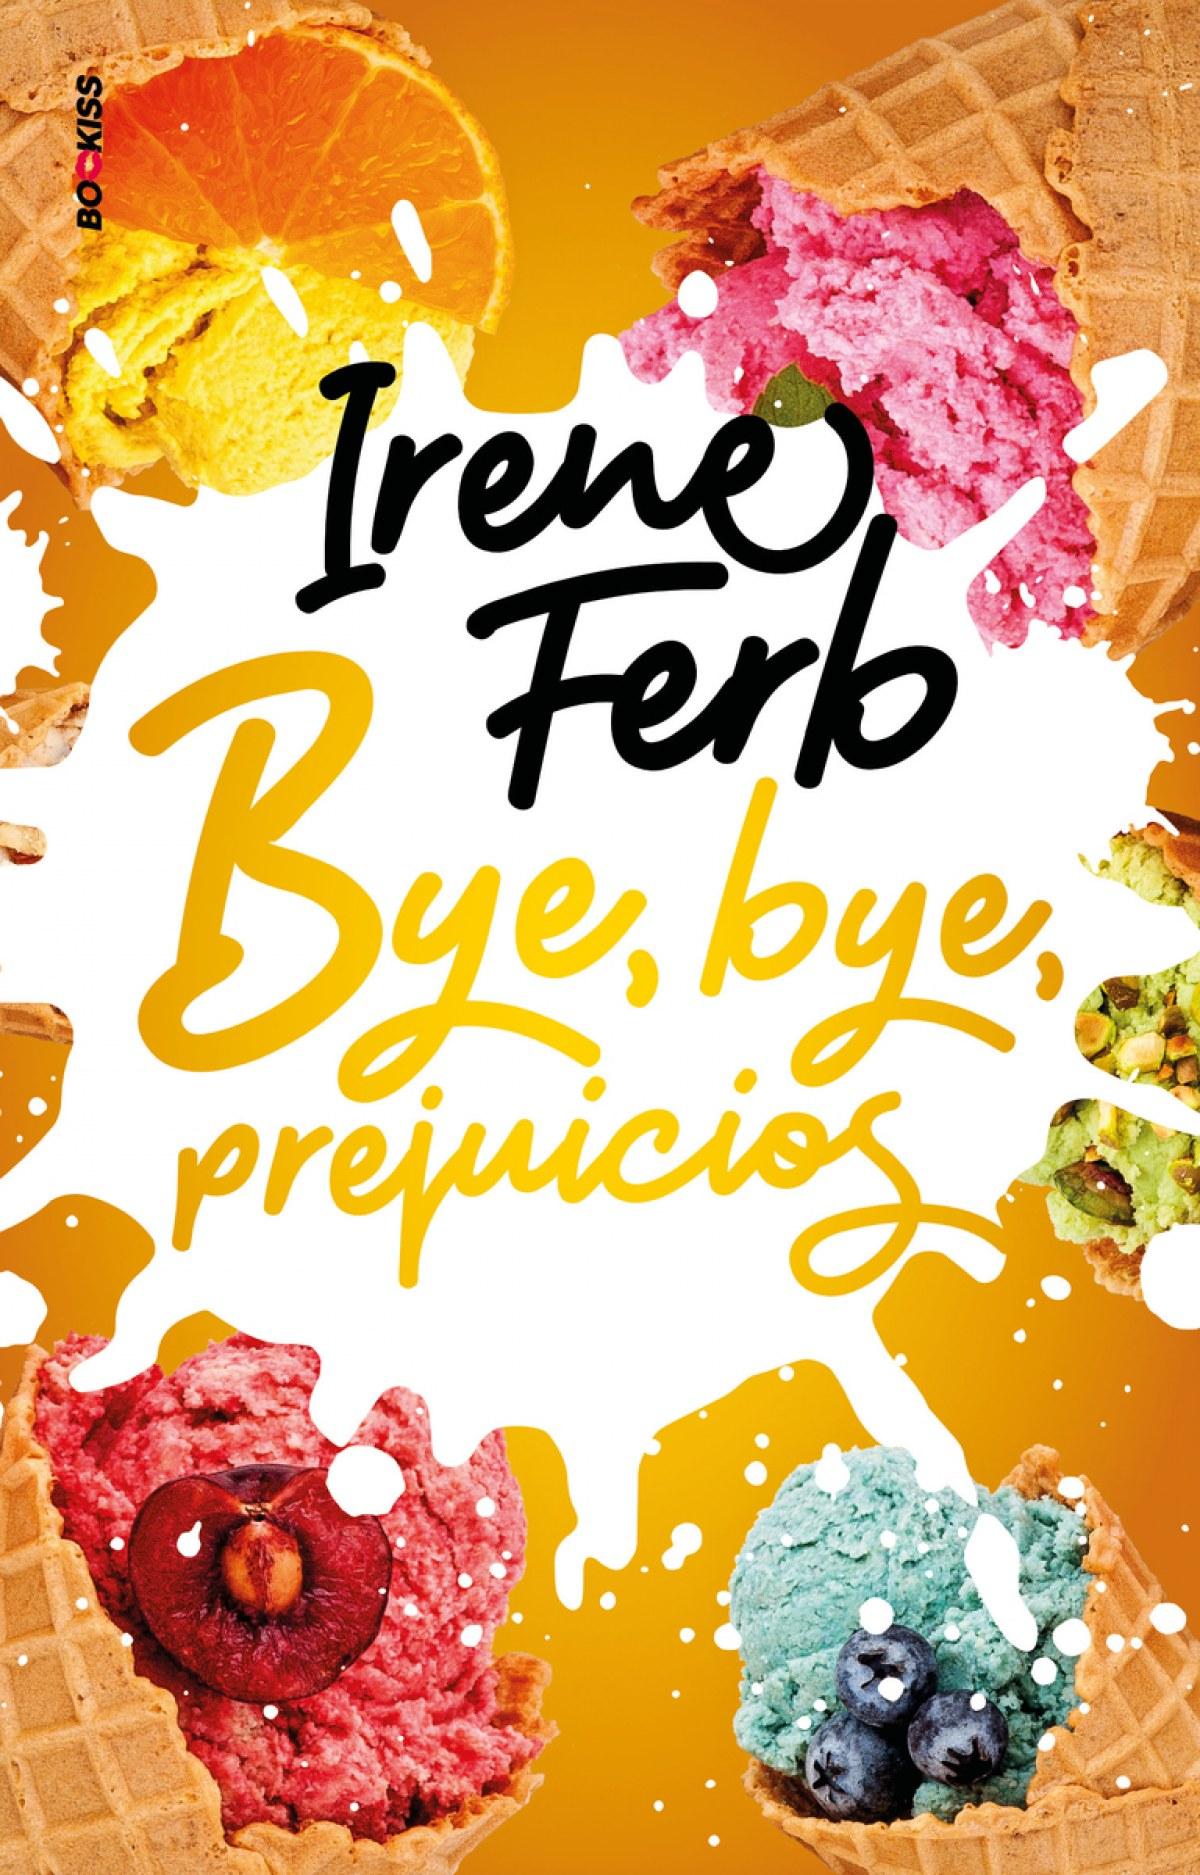 BYE, BYE PREJUICIOS